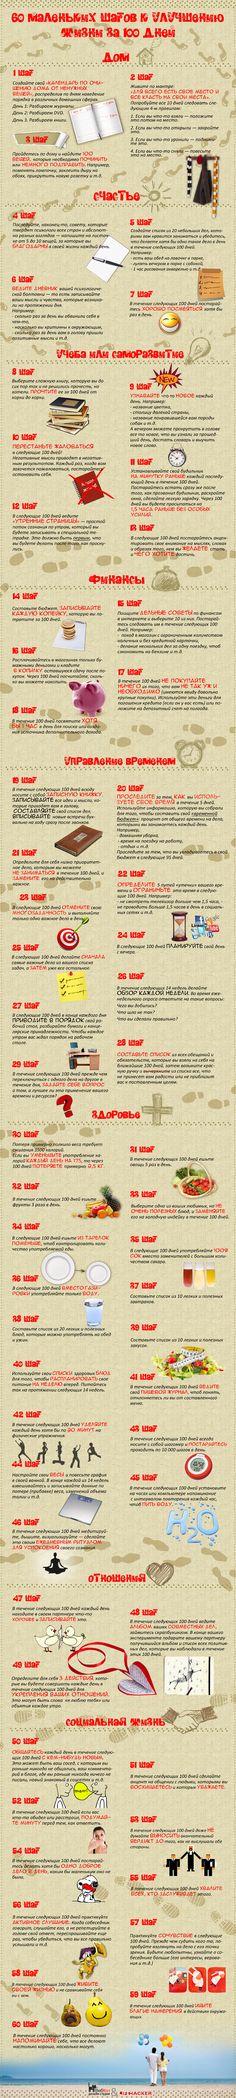 Инфографика: 60 маленьких шагов к улучшению жизни за 100 дней.. Обсуждение на LiveInternet - Российский Сервис Онлайн-Дневников